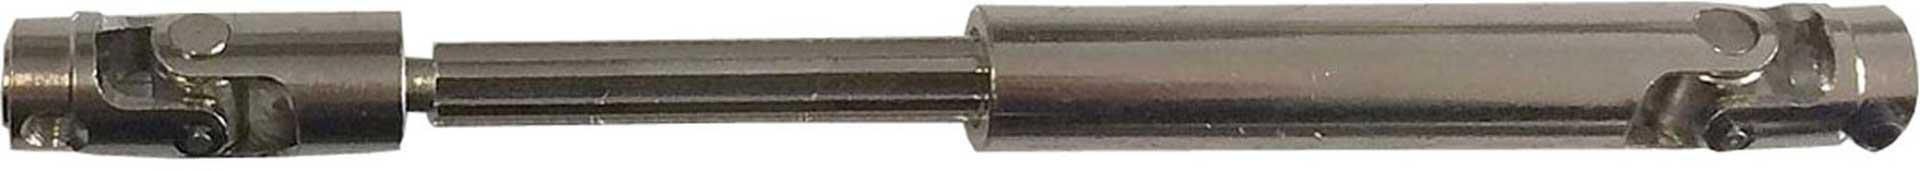 Robbe Modellsport Antriebswelle mit Längenausgleich Stahl 115-150mm 1Stk.